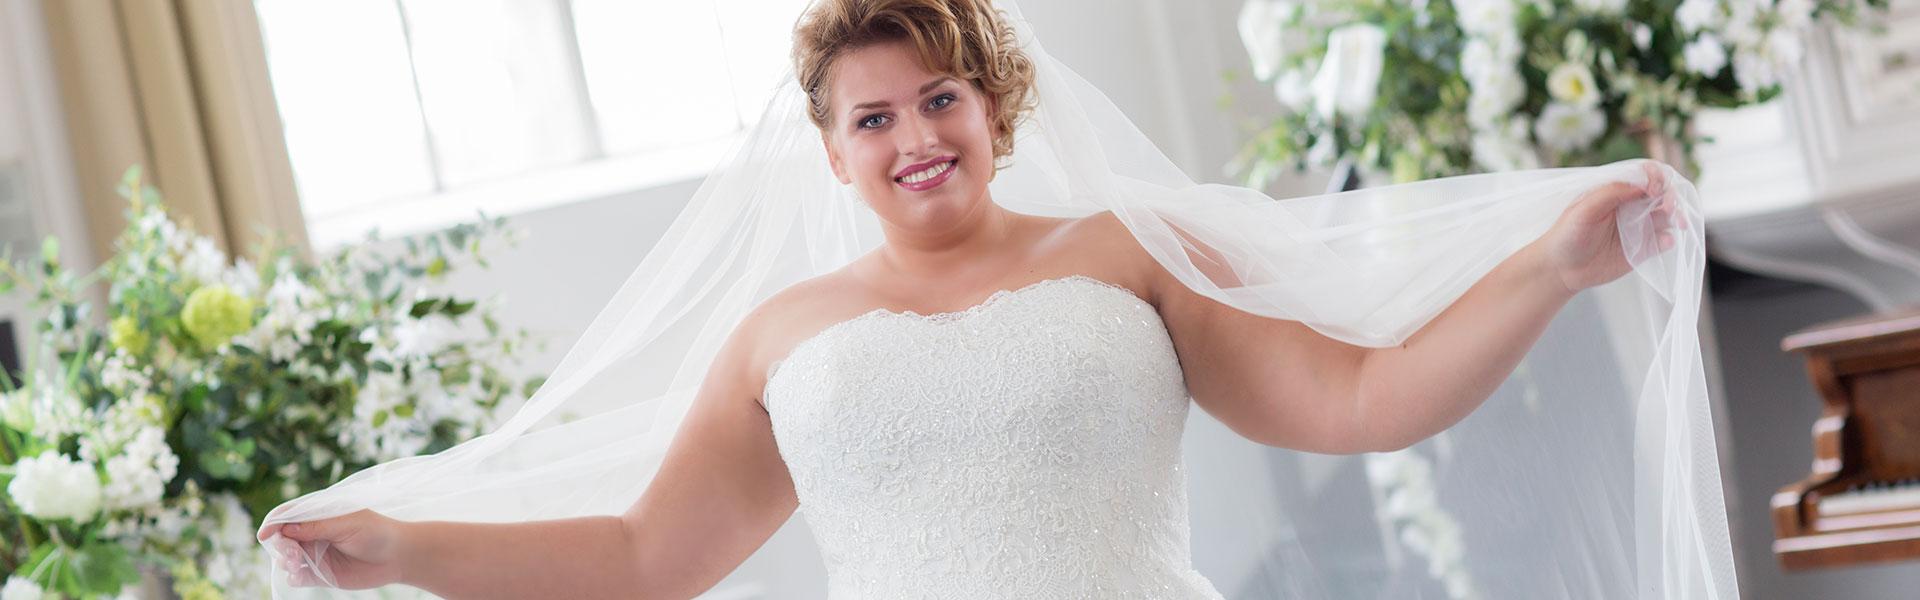 Brautschau XXL – Brautmoden in großen Größen